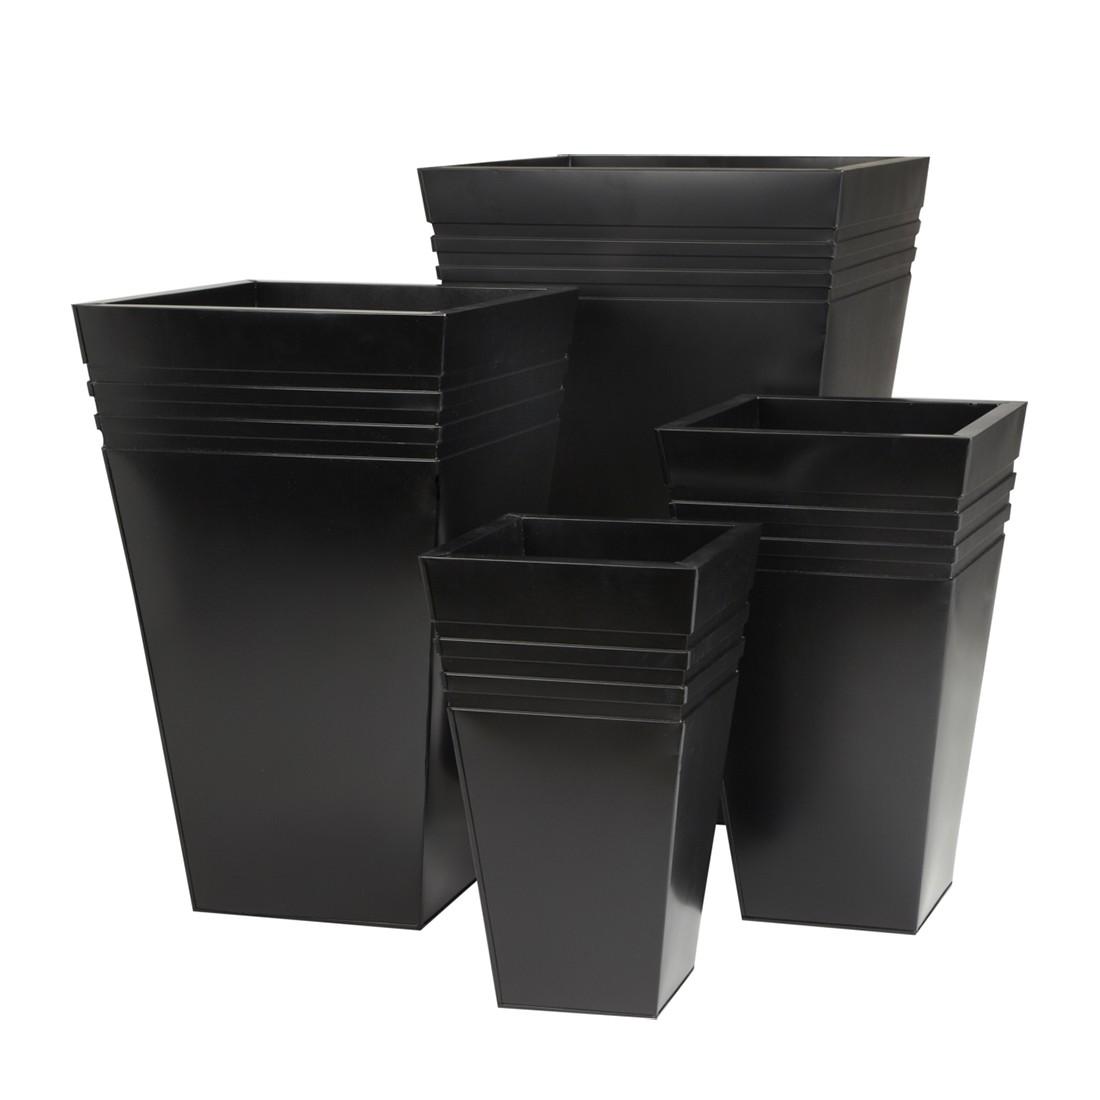 Pflanzkübel (4-teilig) – Verzinkt – Schwarz, Gartenfreude kaufen